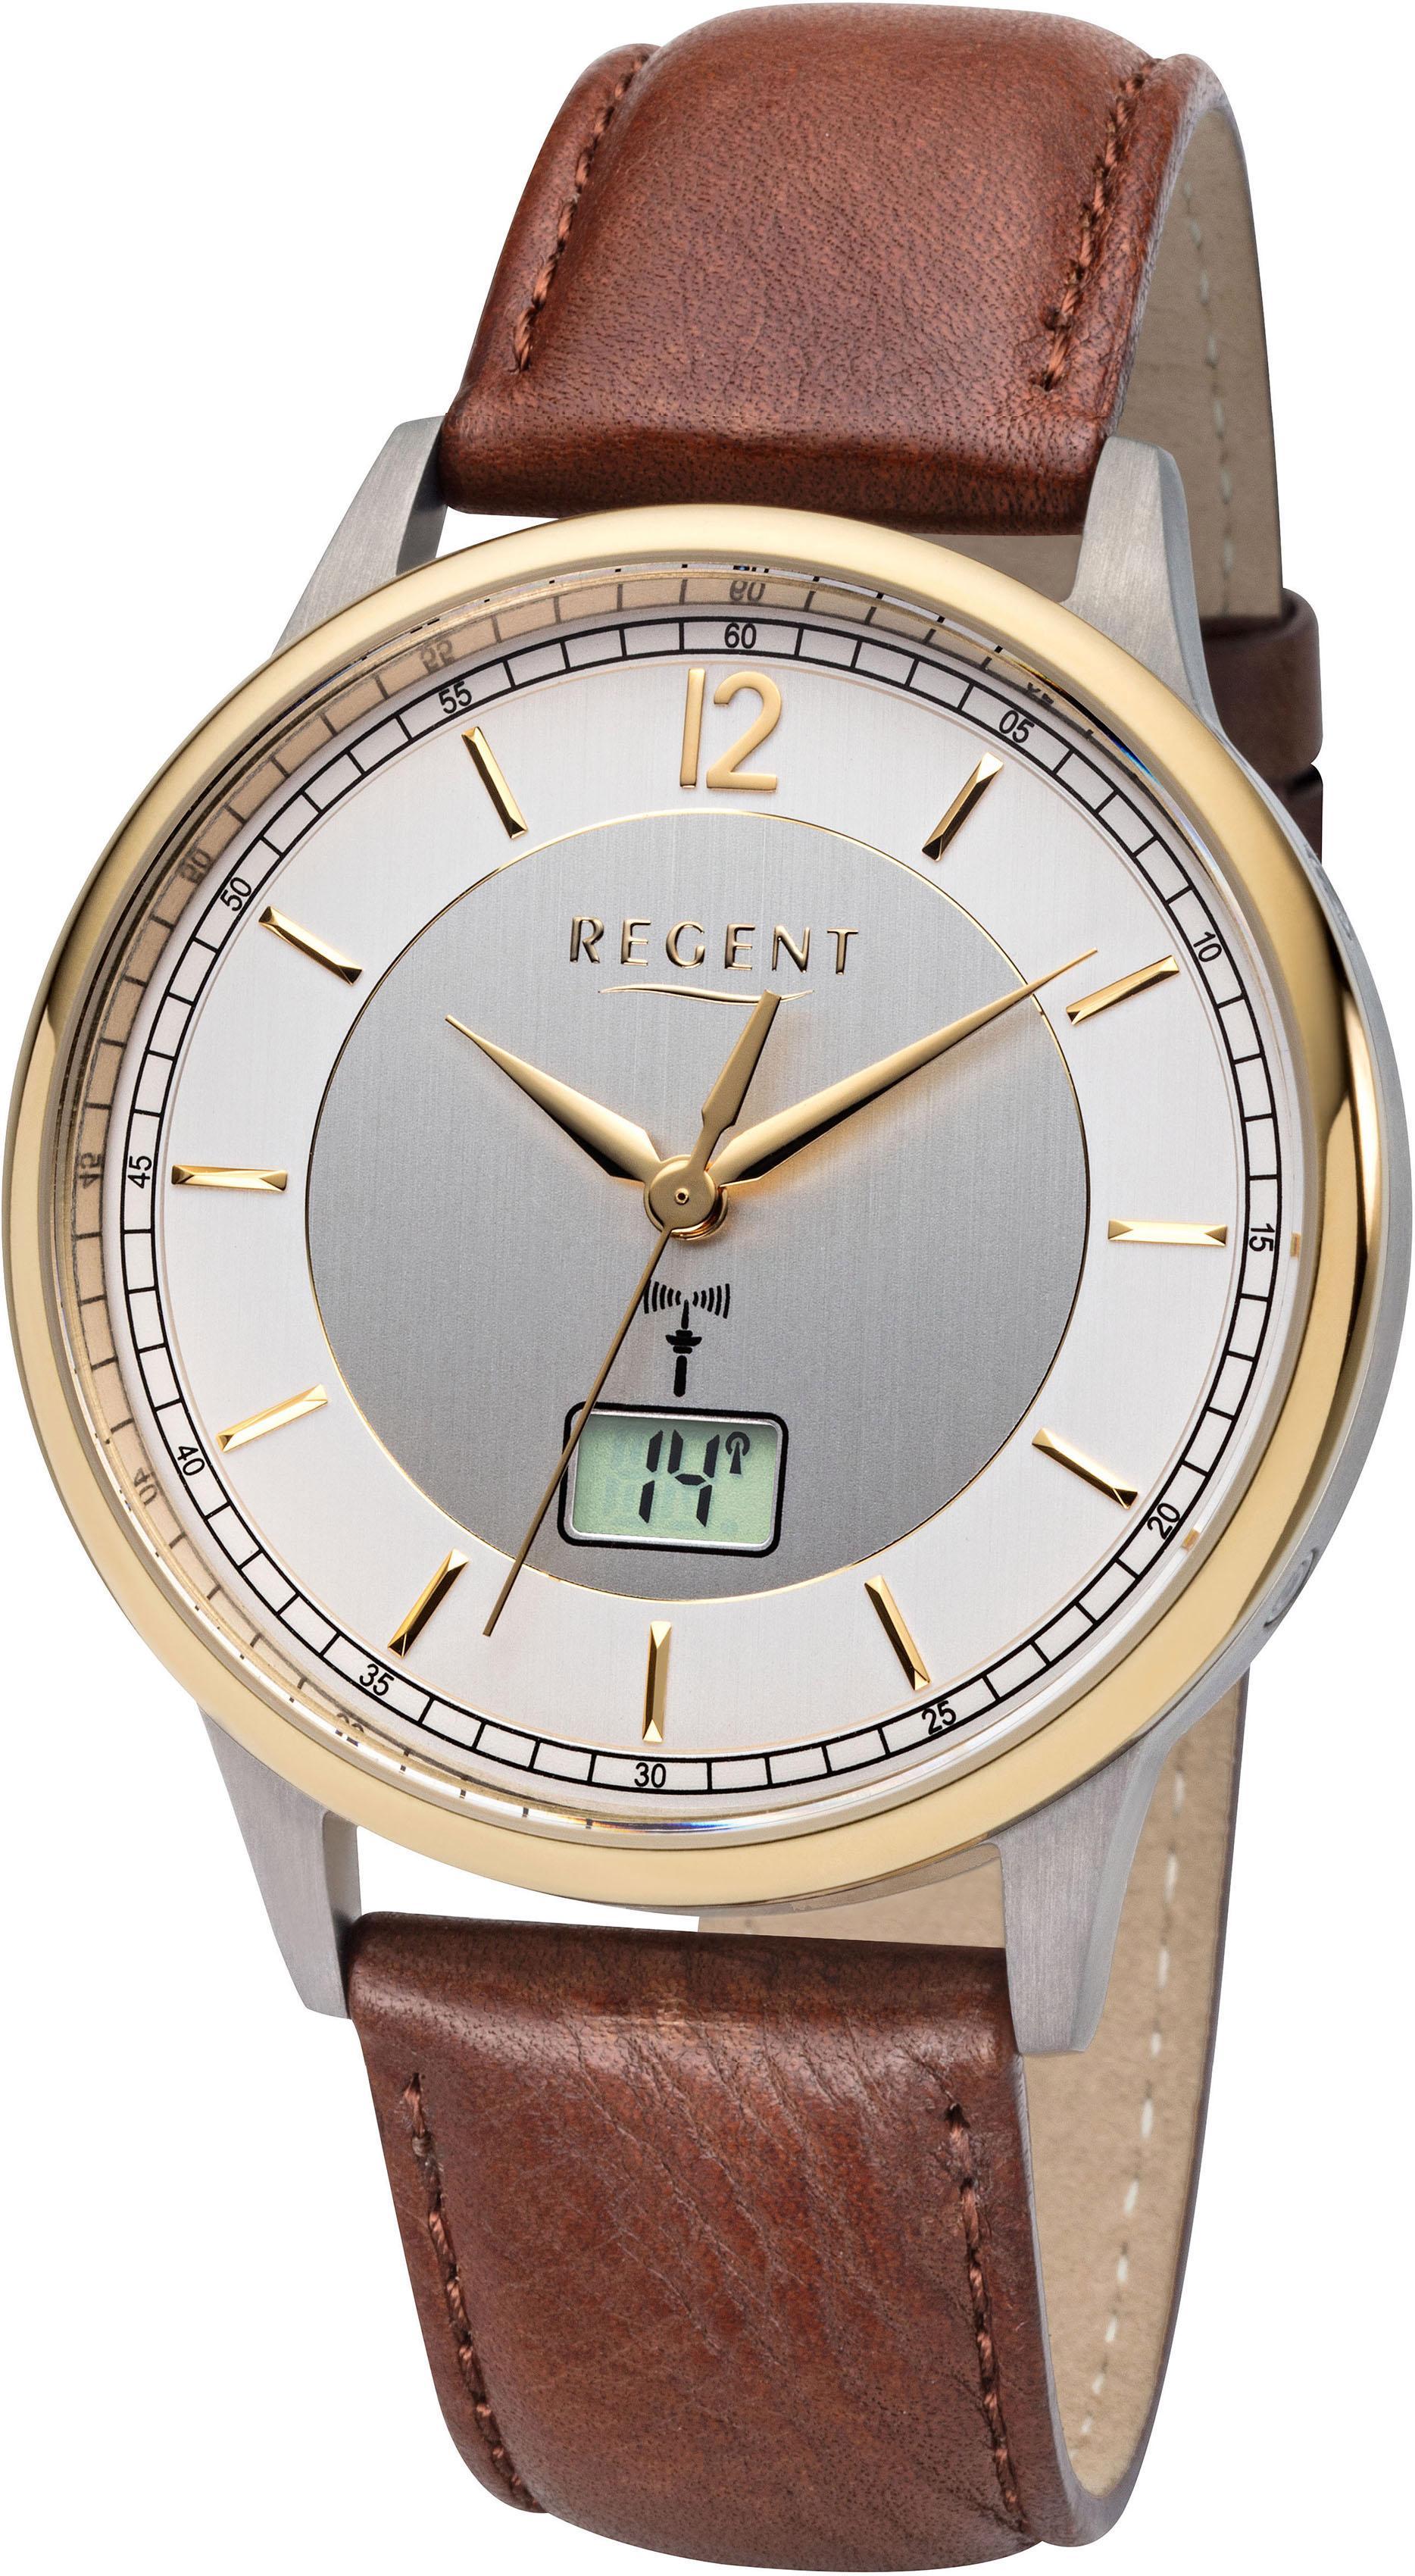 Regent Funkuhr 1856.91.11, FR251 | Uhren | Regent